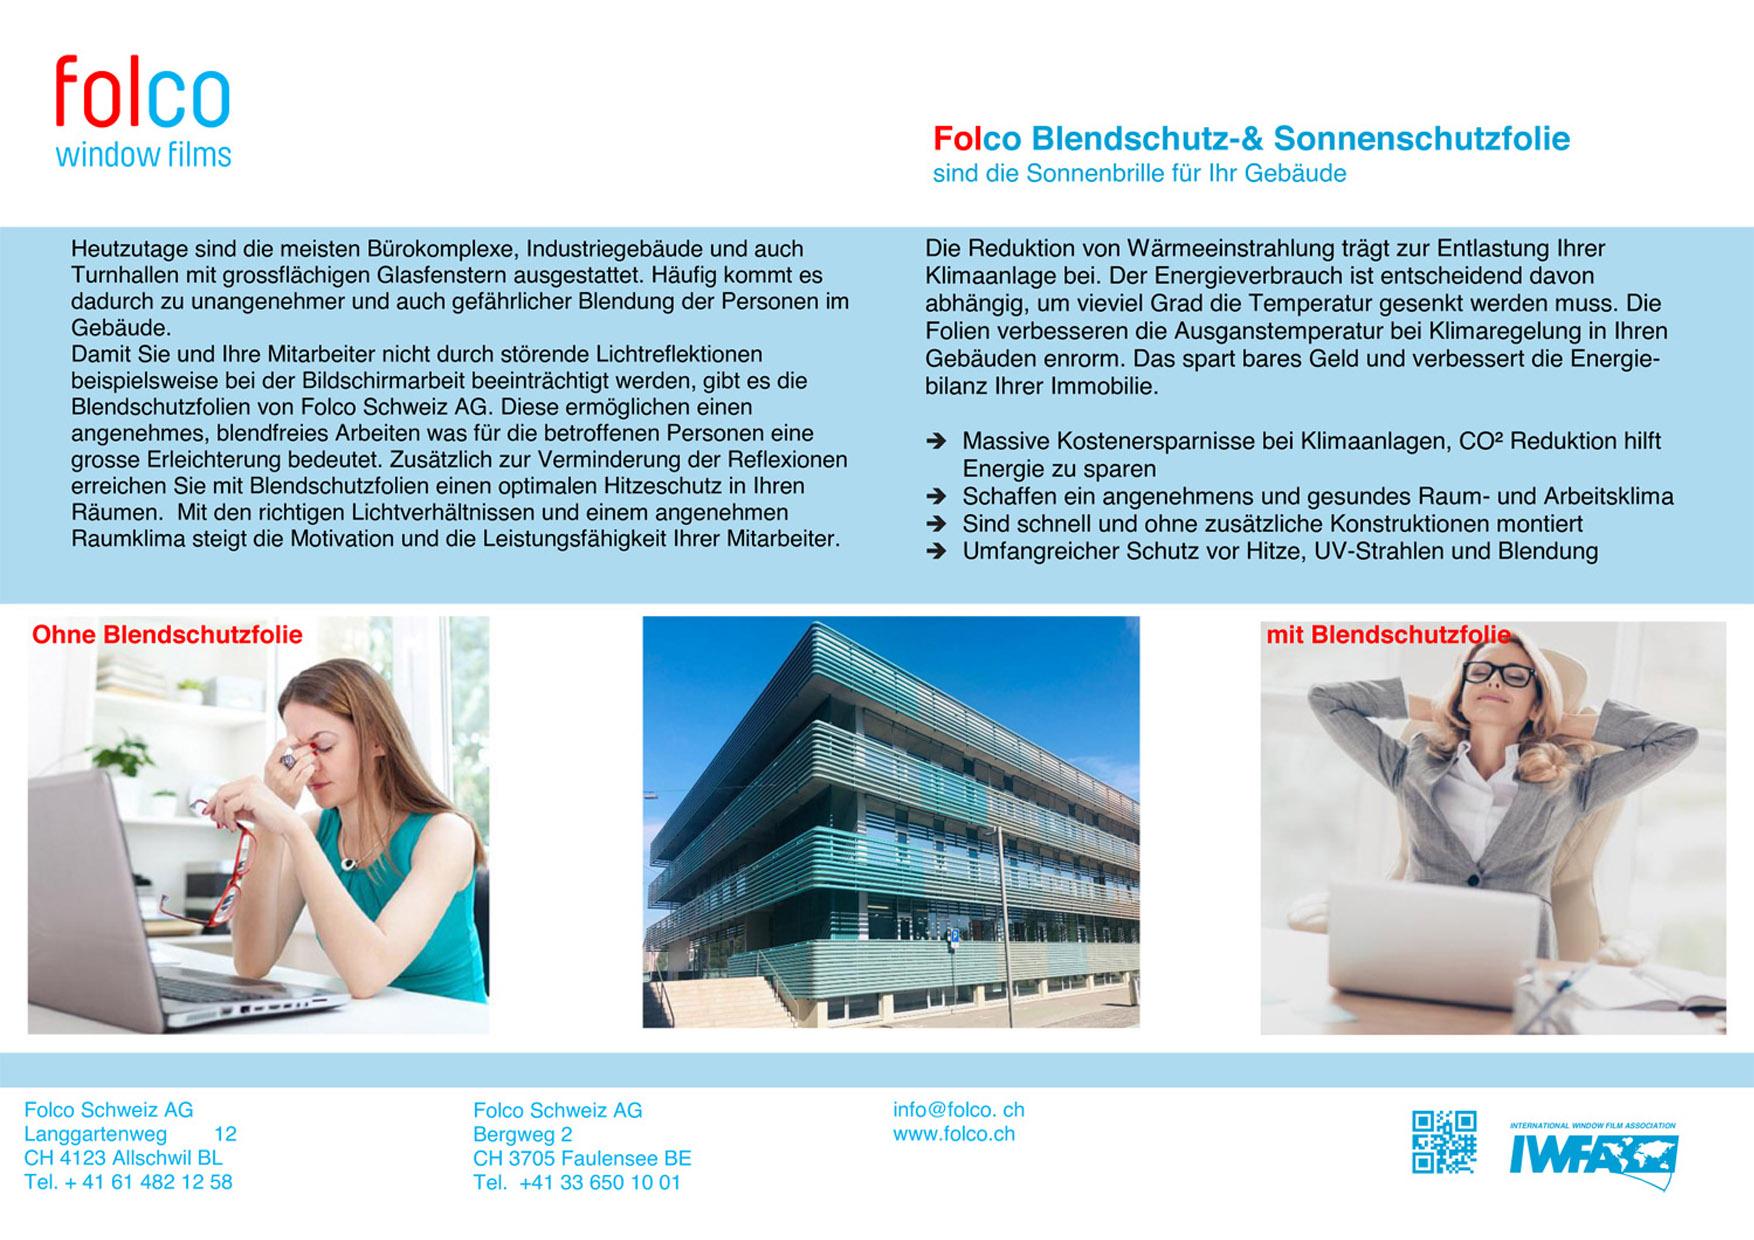 Folco Blendschutz-& Sonnenschutzfolie sind die Sonnenbrille für Ihr Gebäude